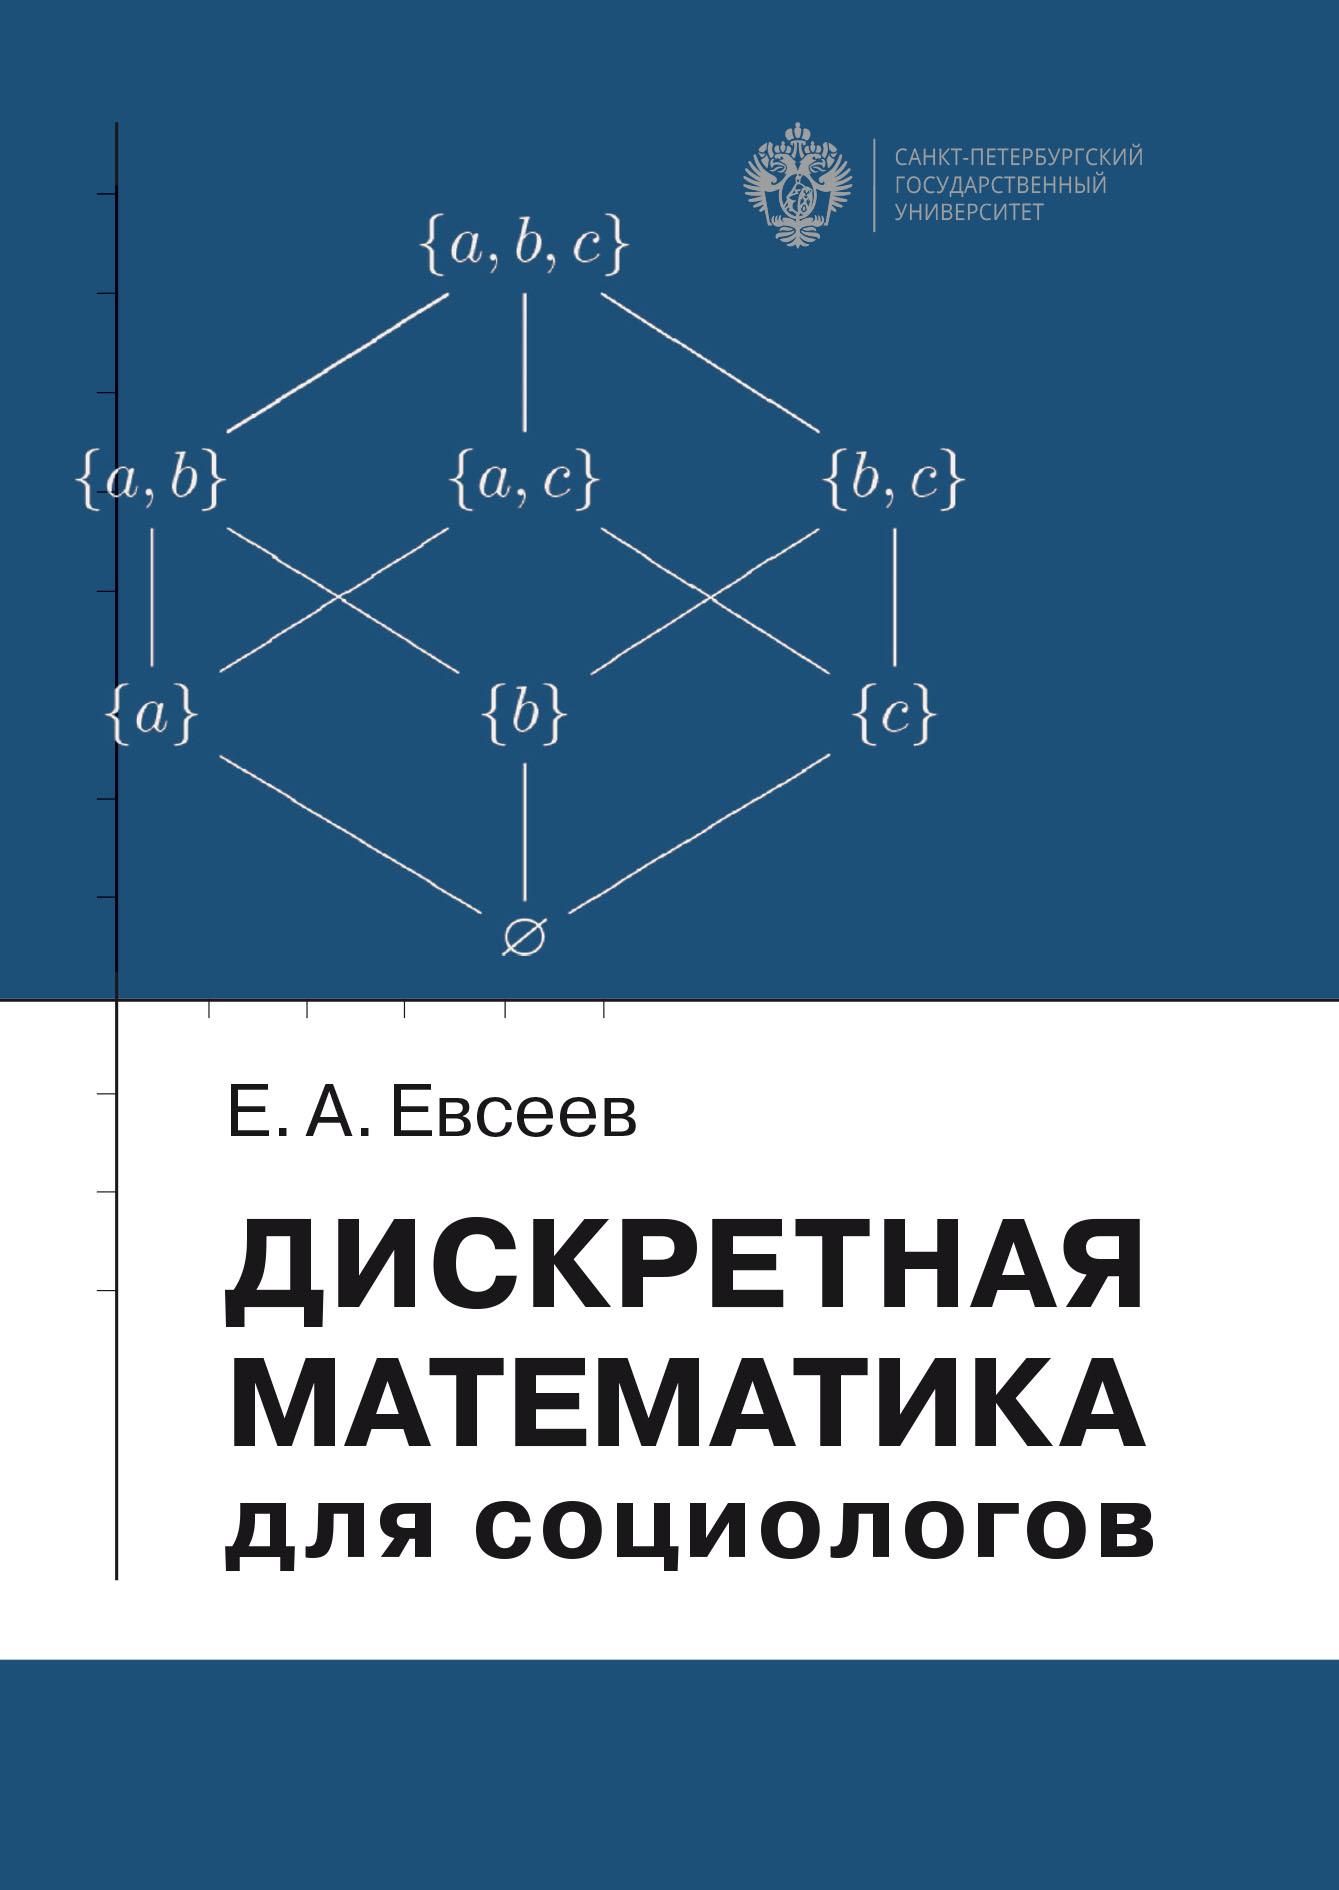 diskretnaya matematika dlya sotsiologov